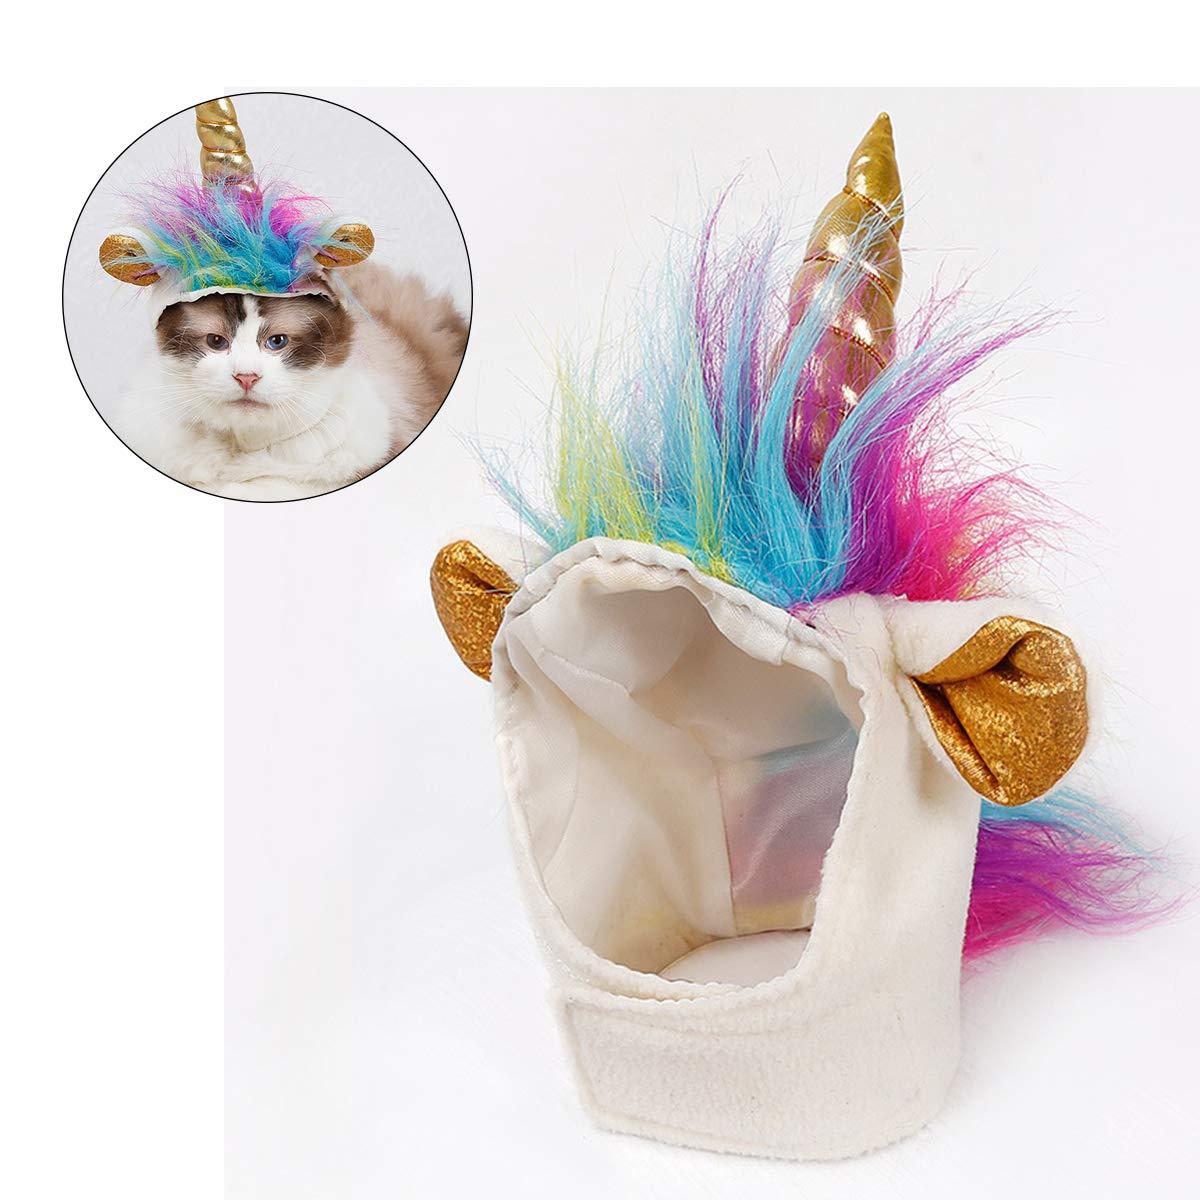 EisEyen Einhorn Hut für Kleine Hunde Katzen Hundehut Halloween Party Kostüm-Zubehör Mähne Vestellbar